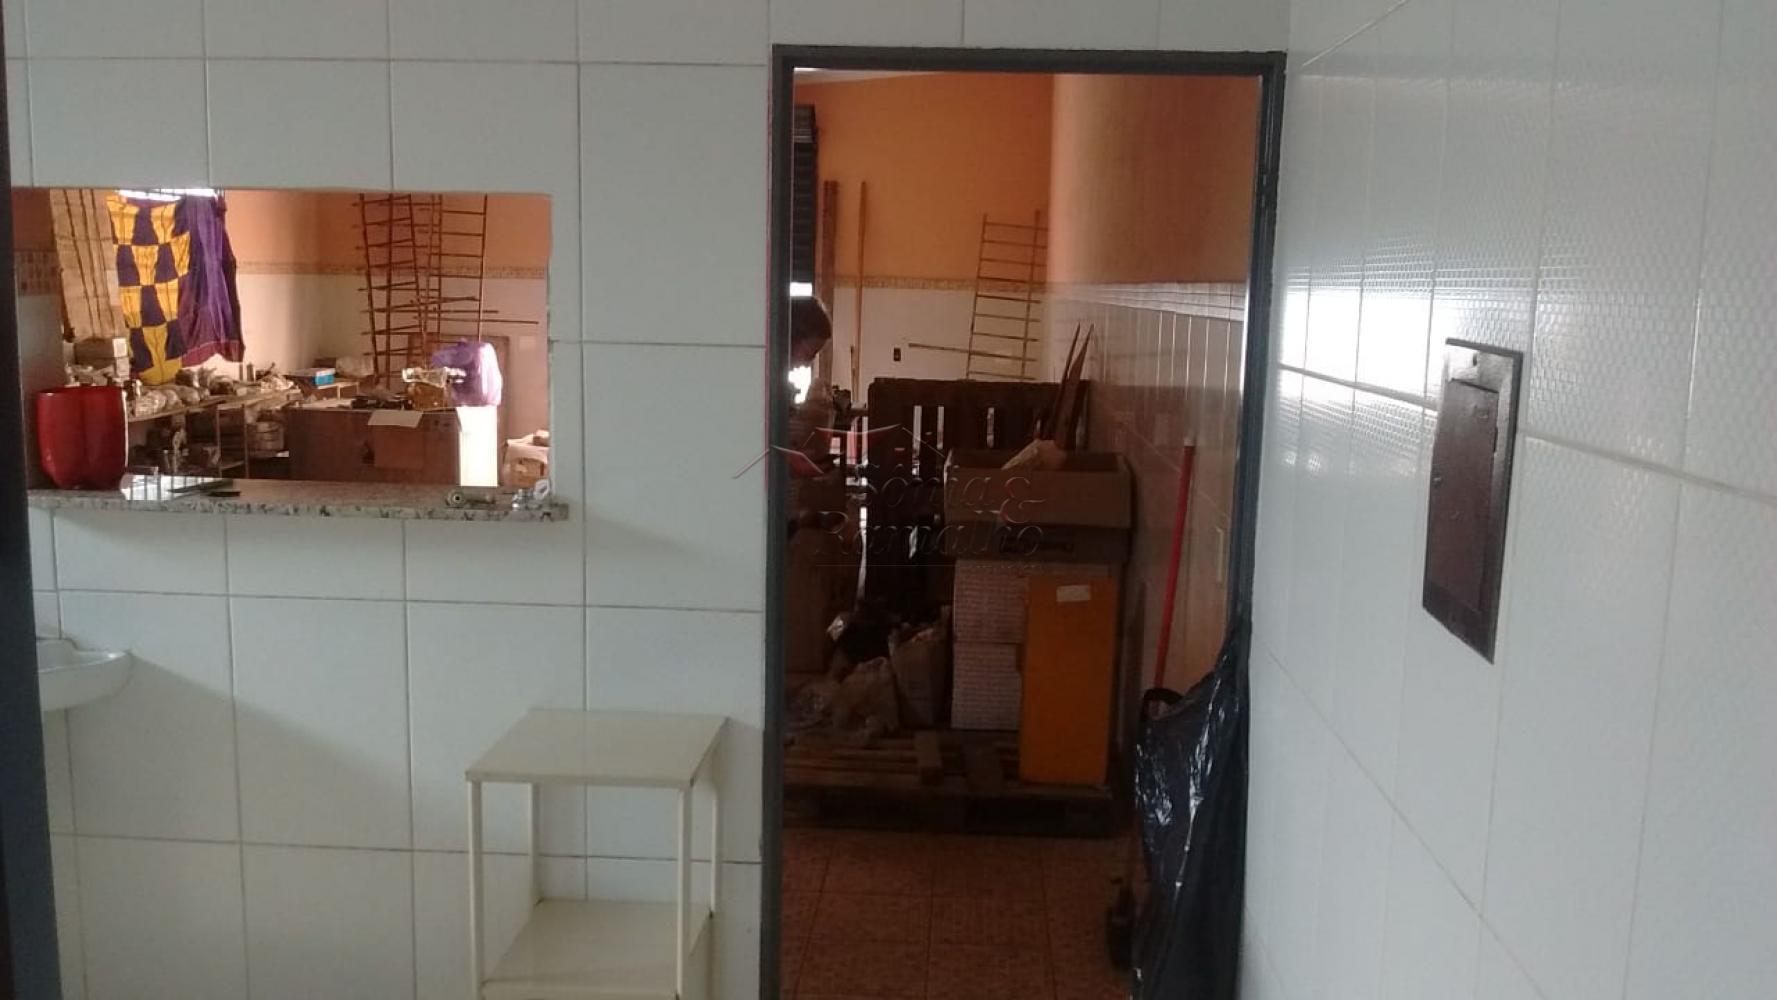 Alugar Comercial / Salão comercial em Ribeirão Preto apenas R$ 3.500,00 - Foto 5